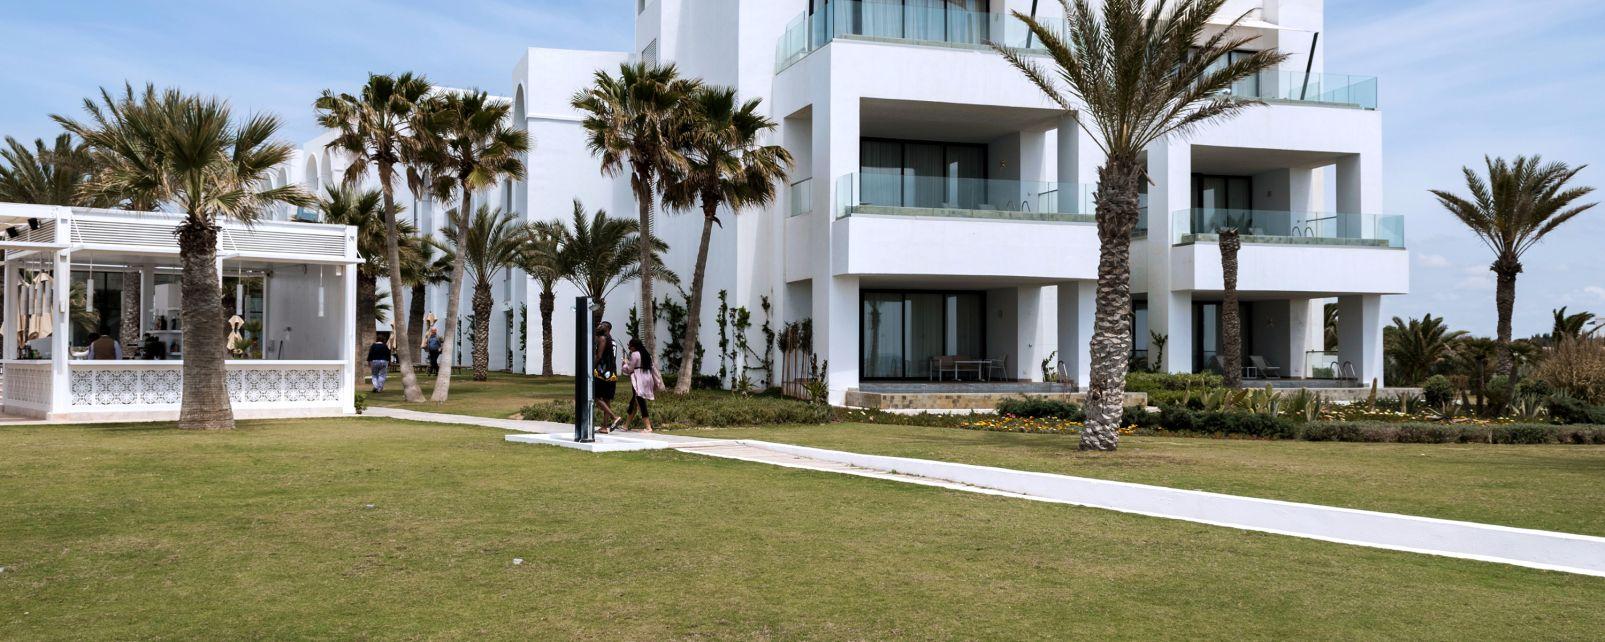 Hôtel La Badira